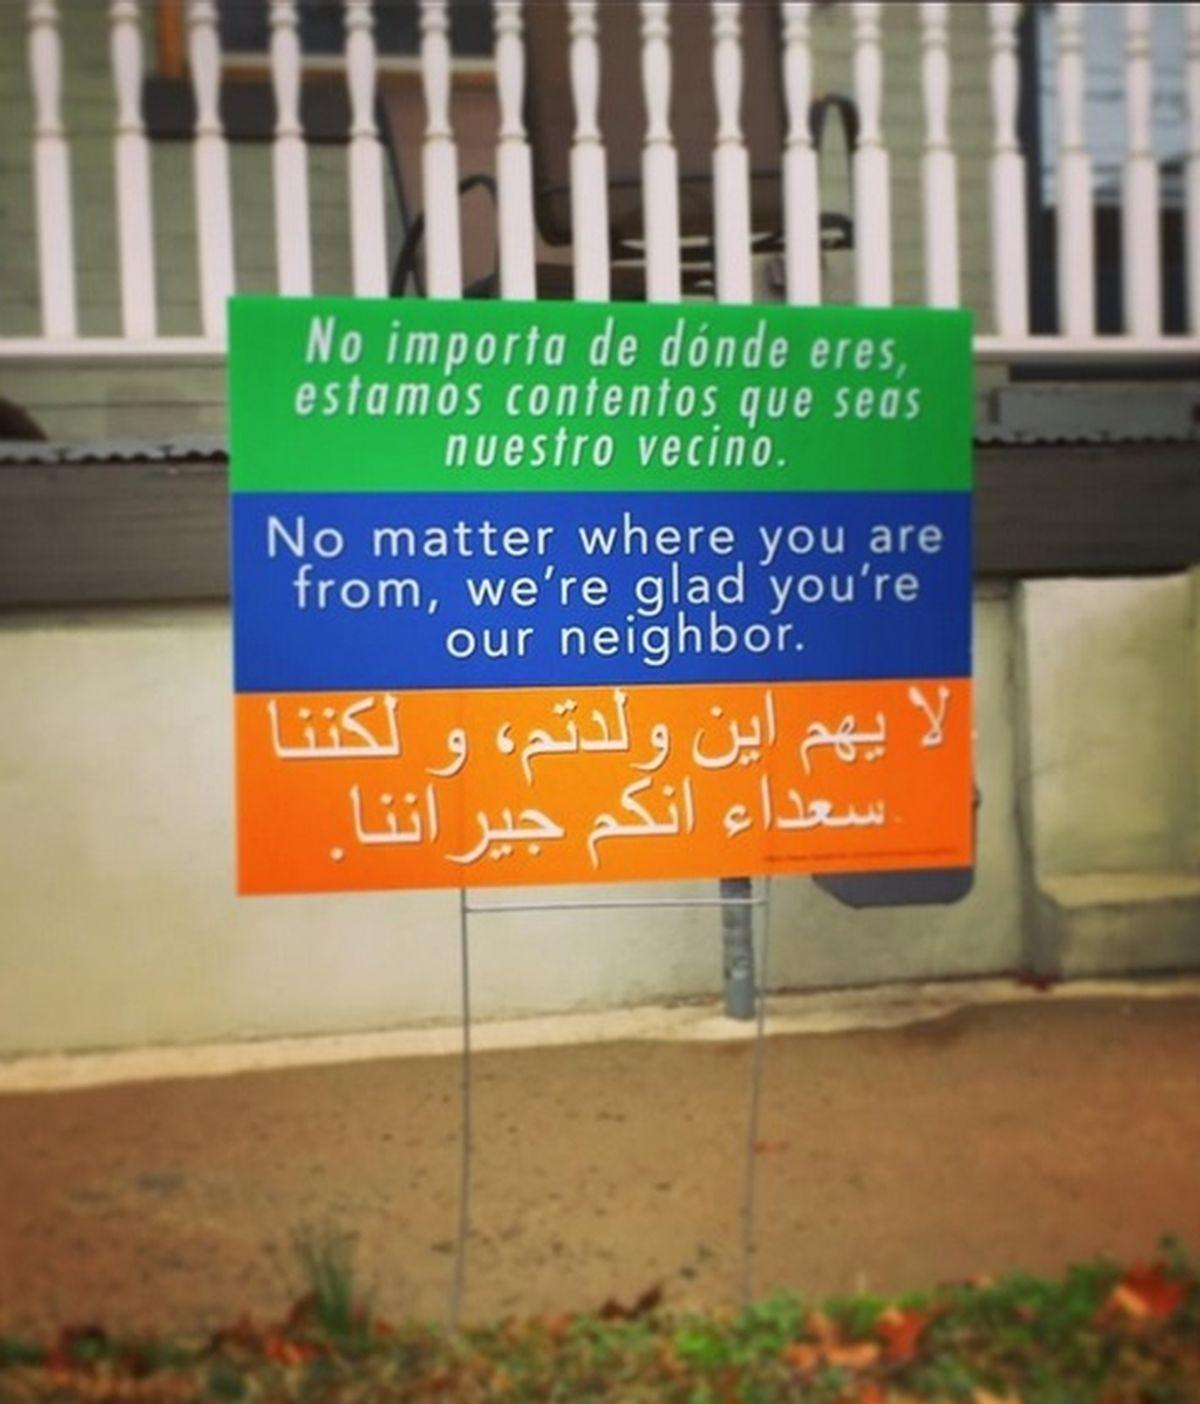 Estos carteles de bienvenida en diferentes idiomas están triunfando en EEUU